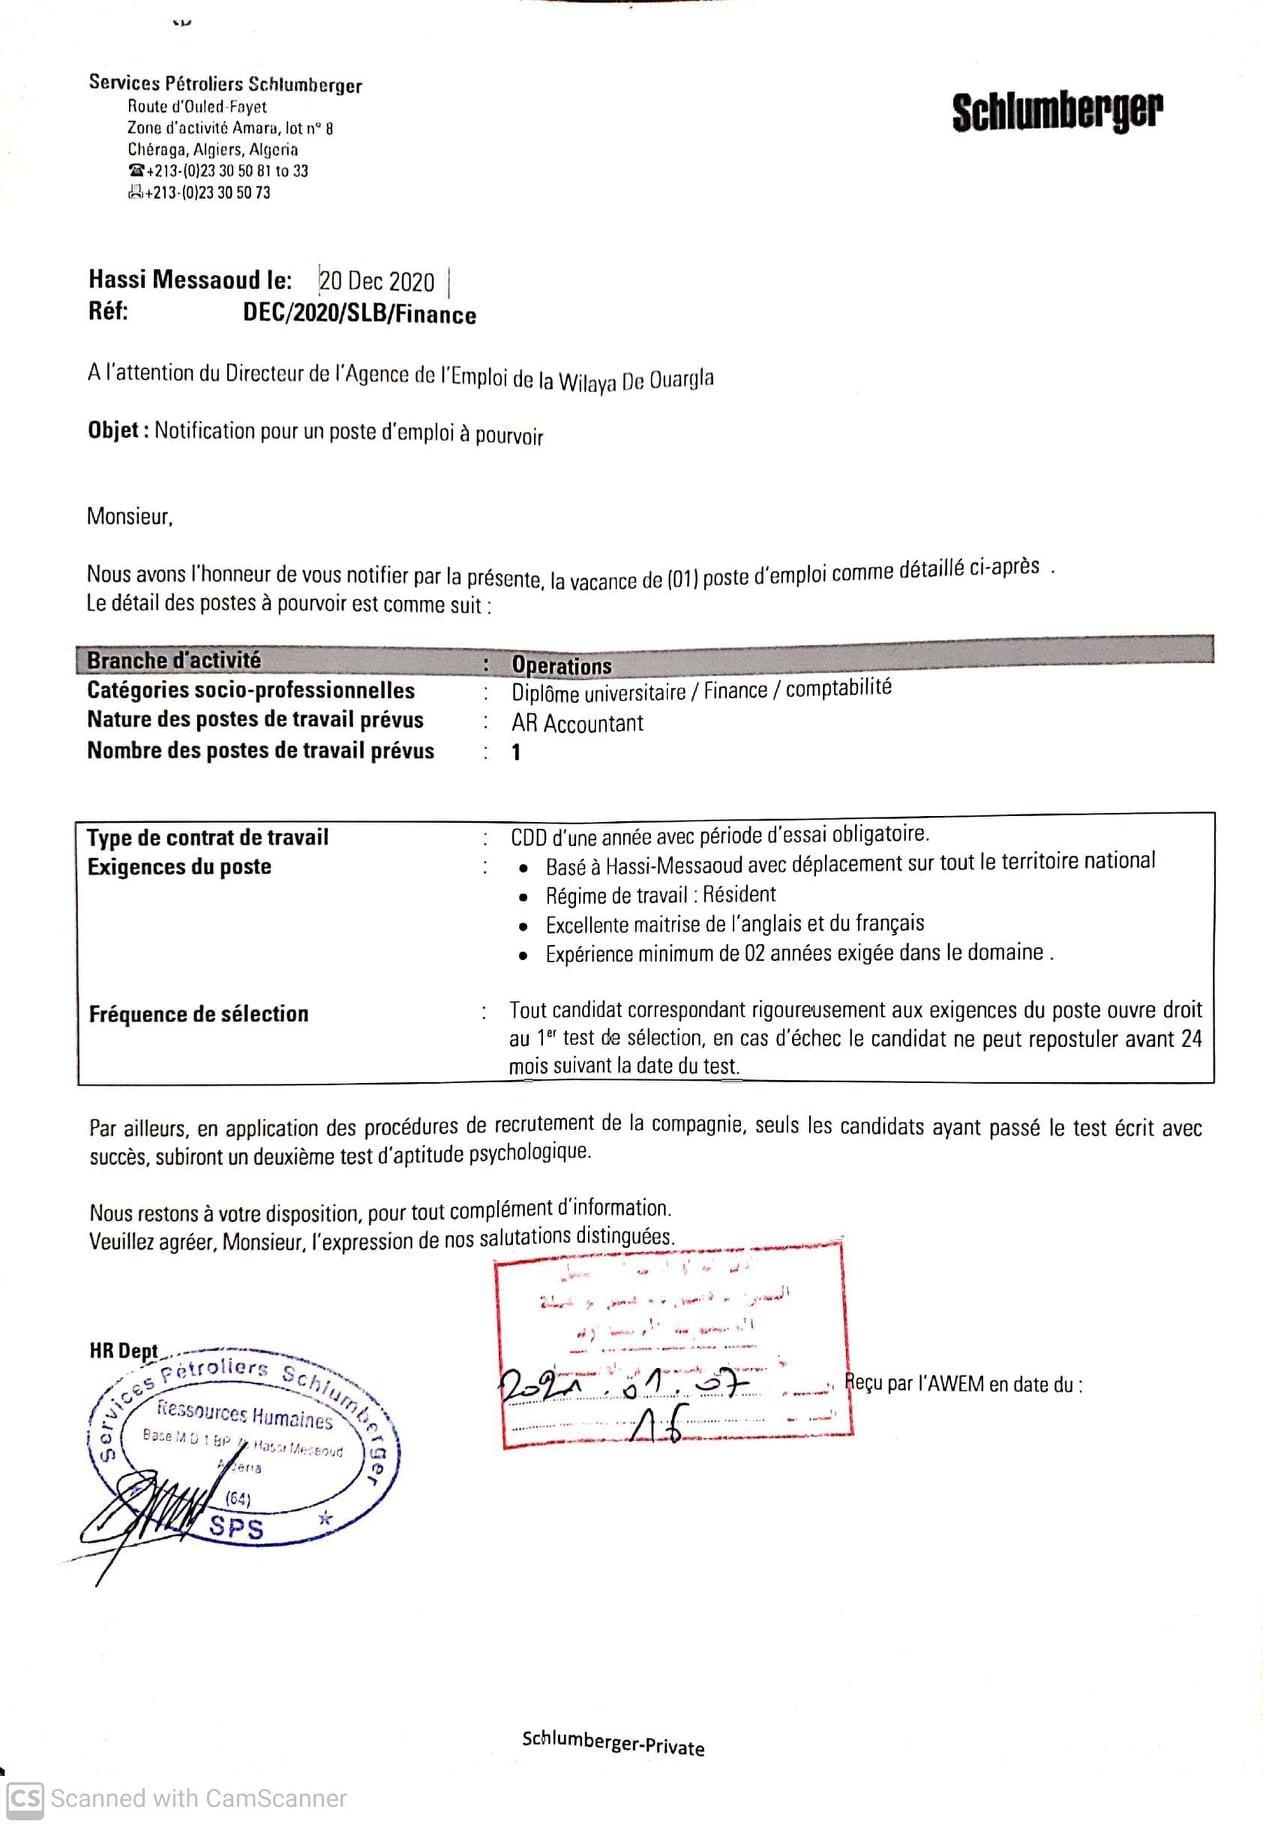 اعلان توظيف بشركة schulumberger بحاسي مسعود 10 جانفي 2021